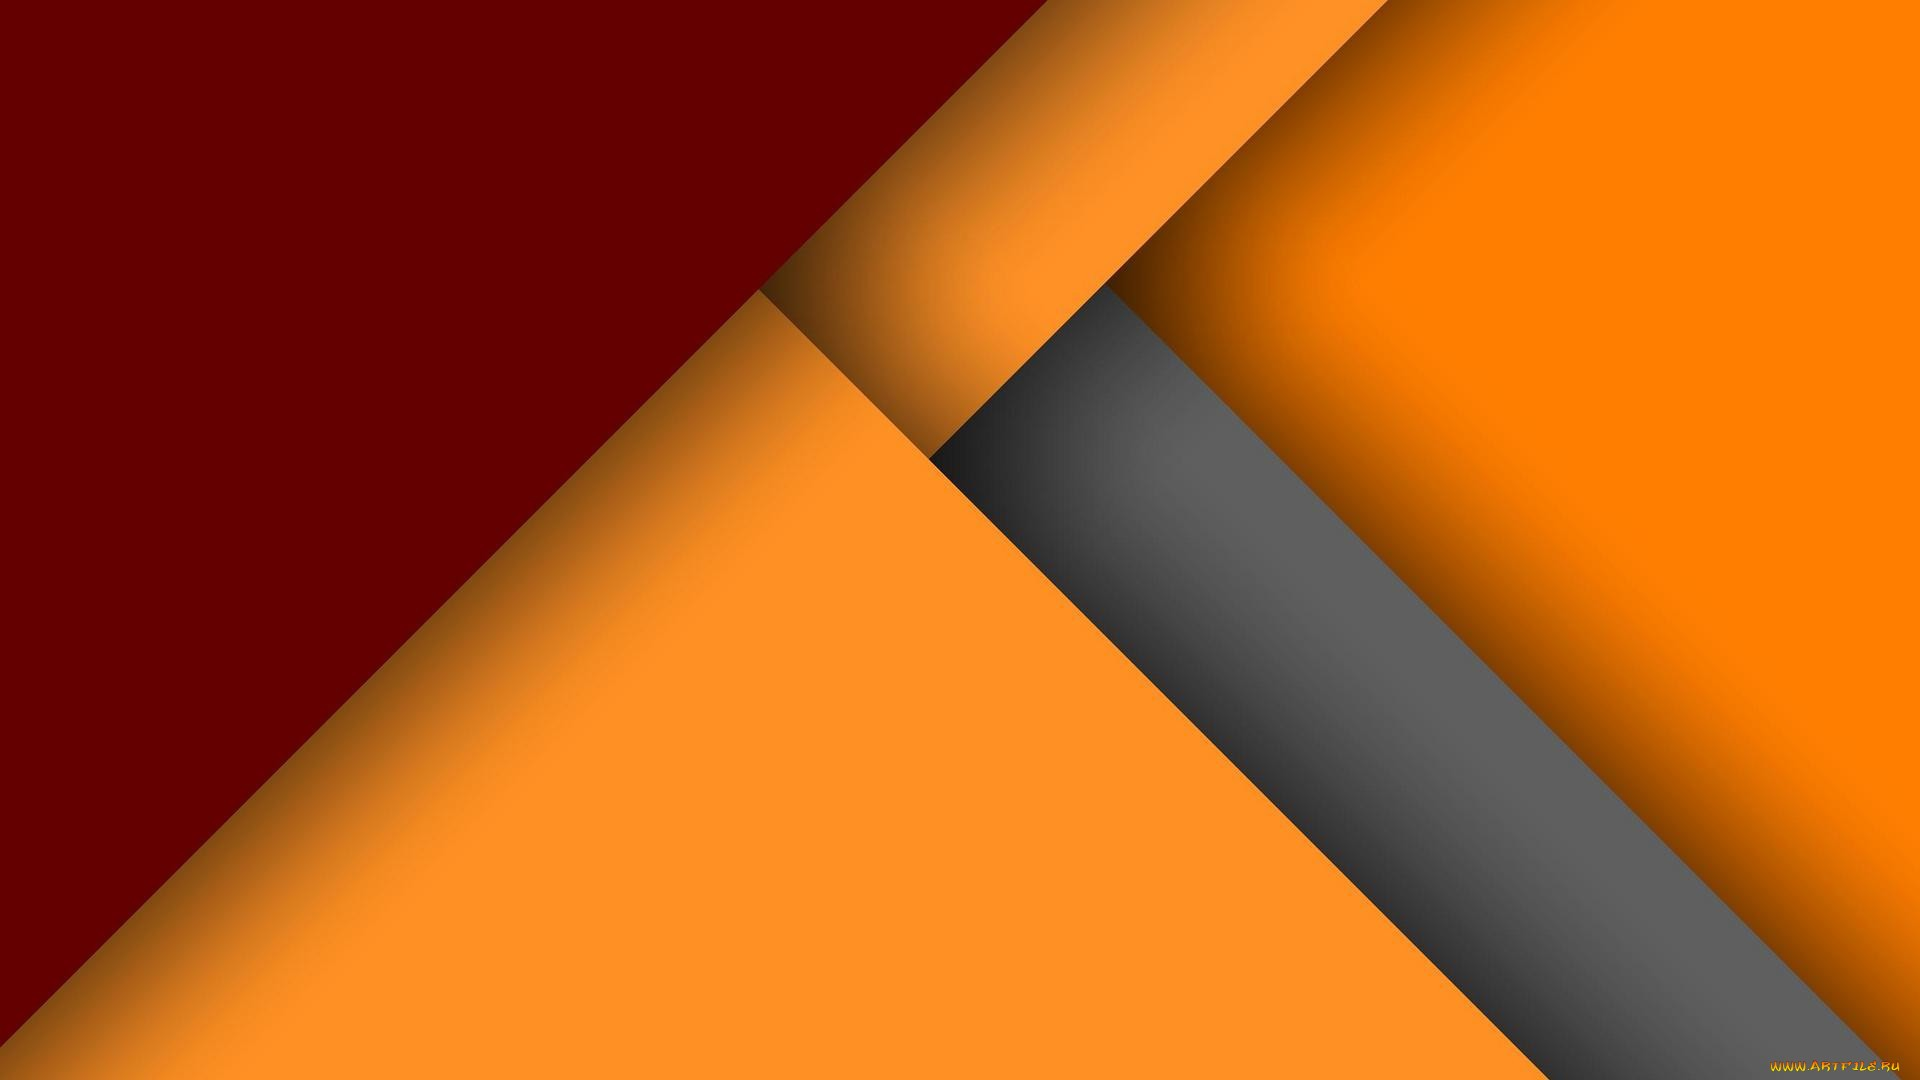 Minimalistic Stripes full hd 1080p wallpaper